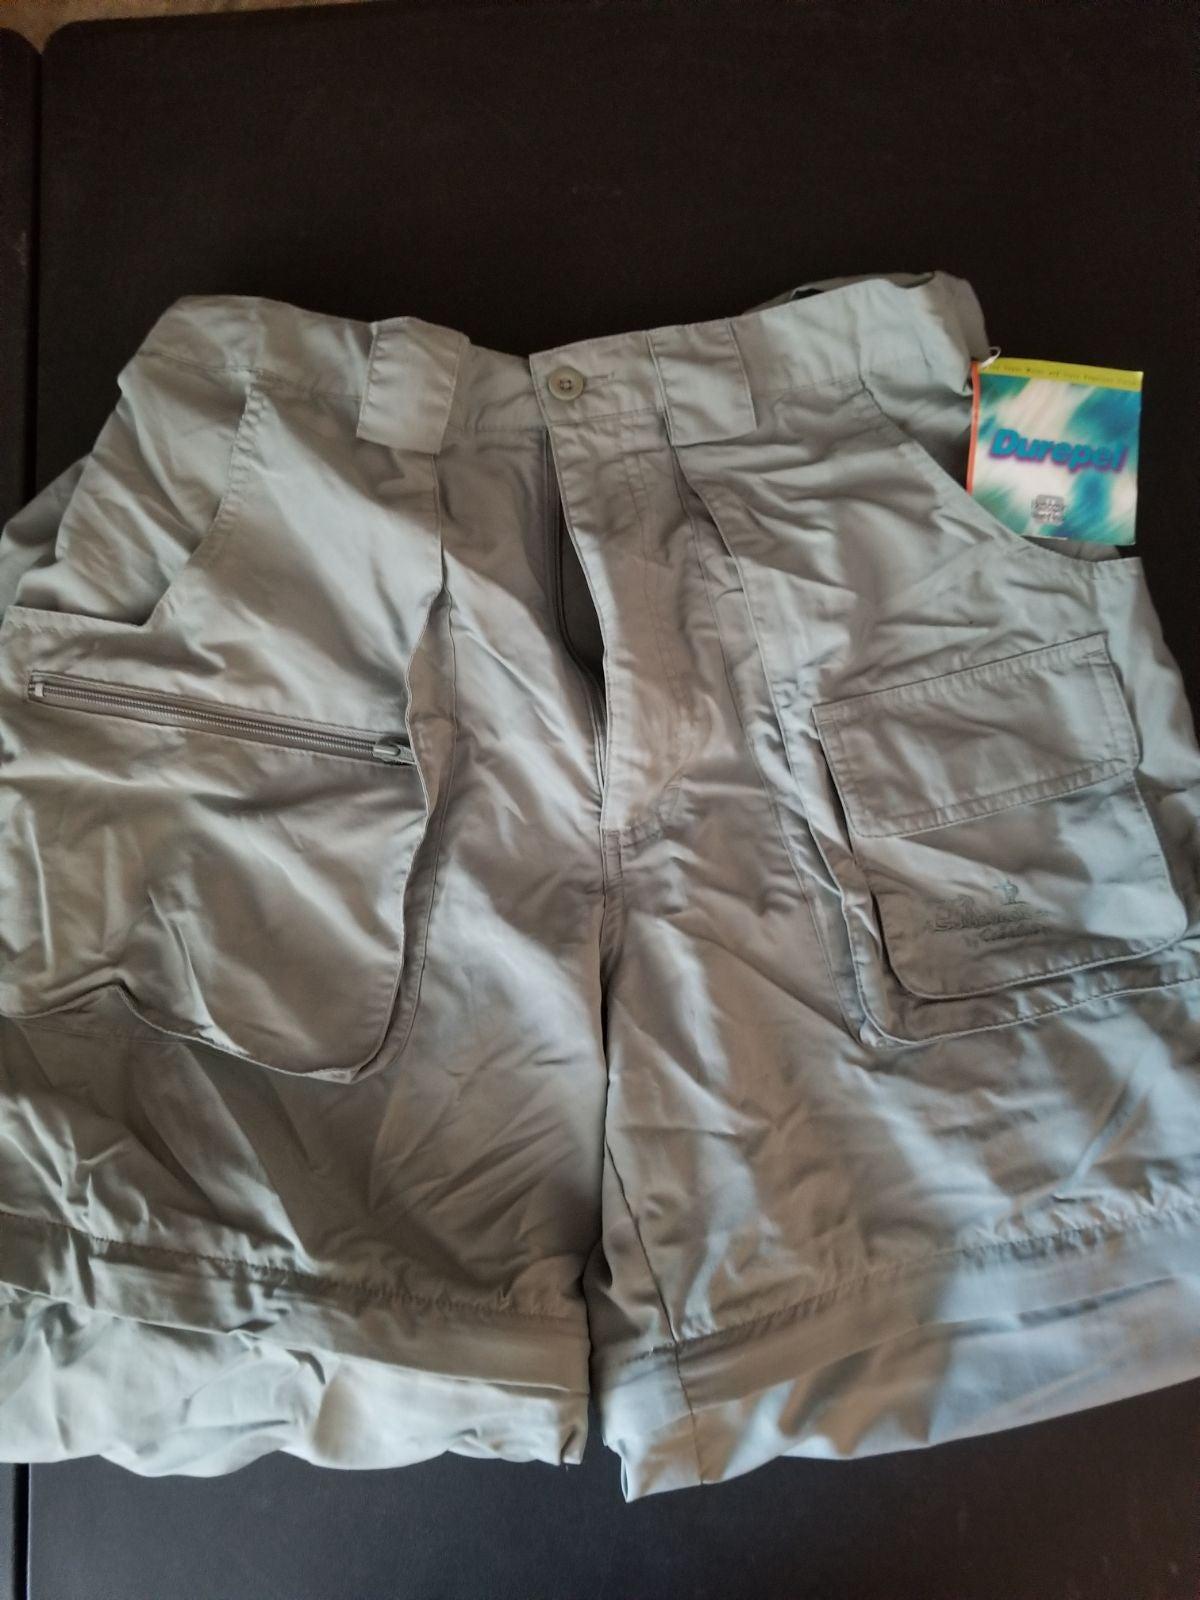 Cabelas Guidewear Zip off pant